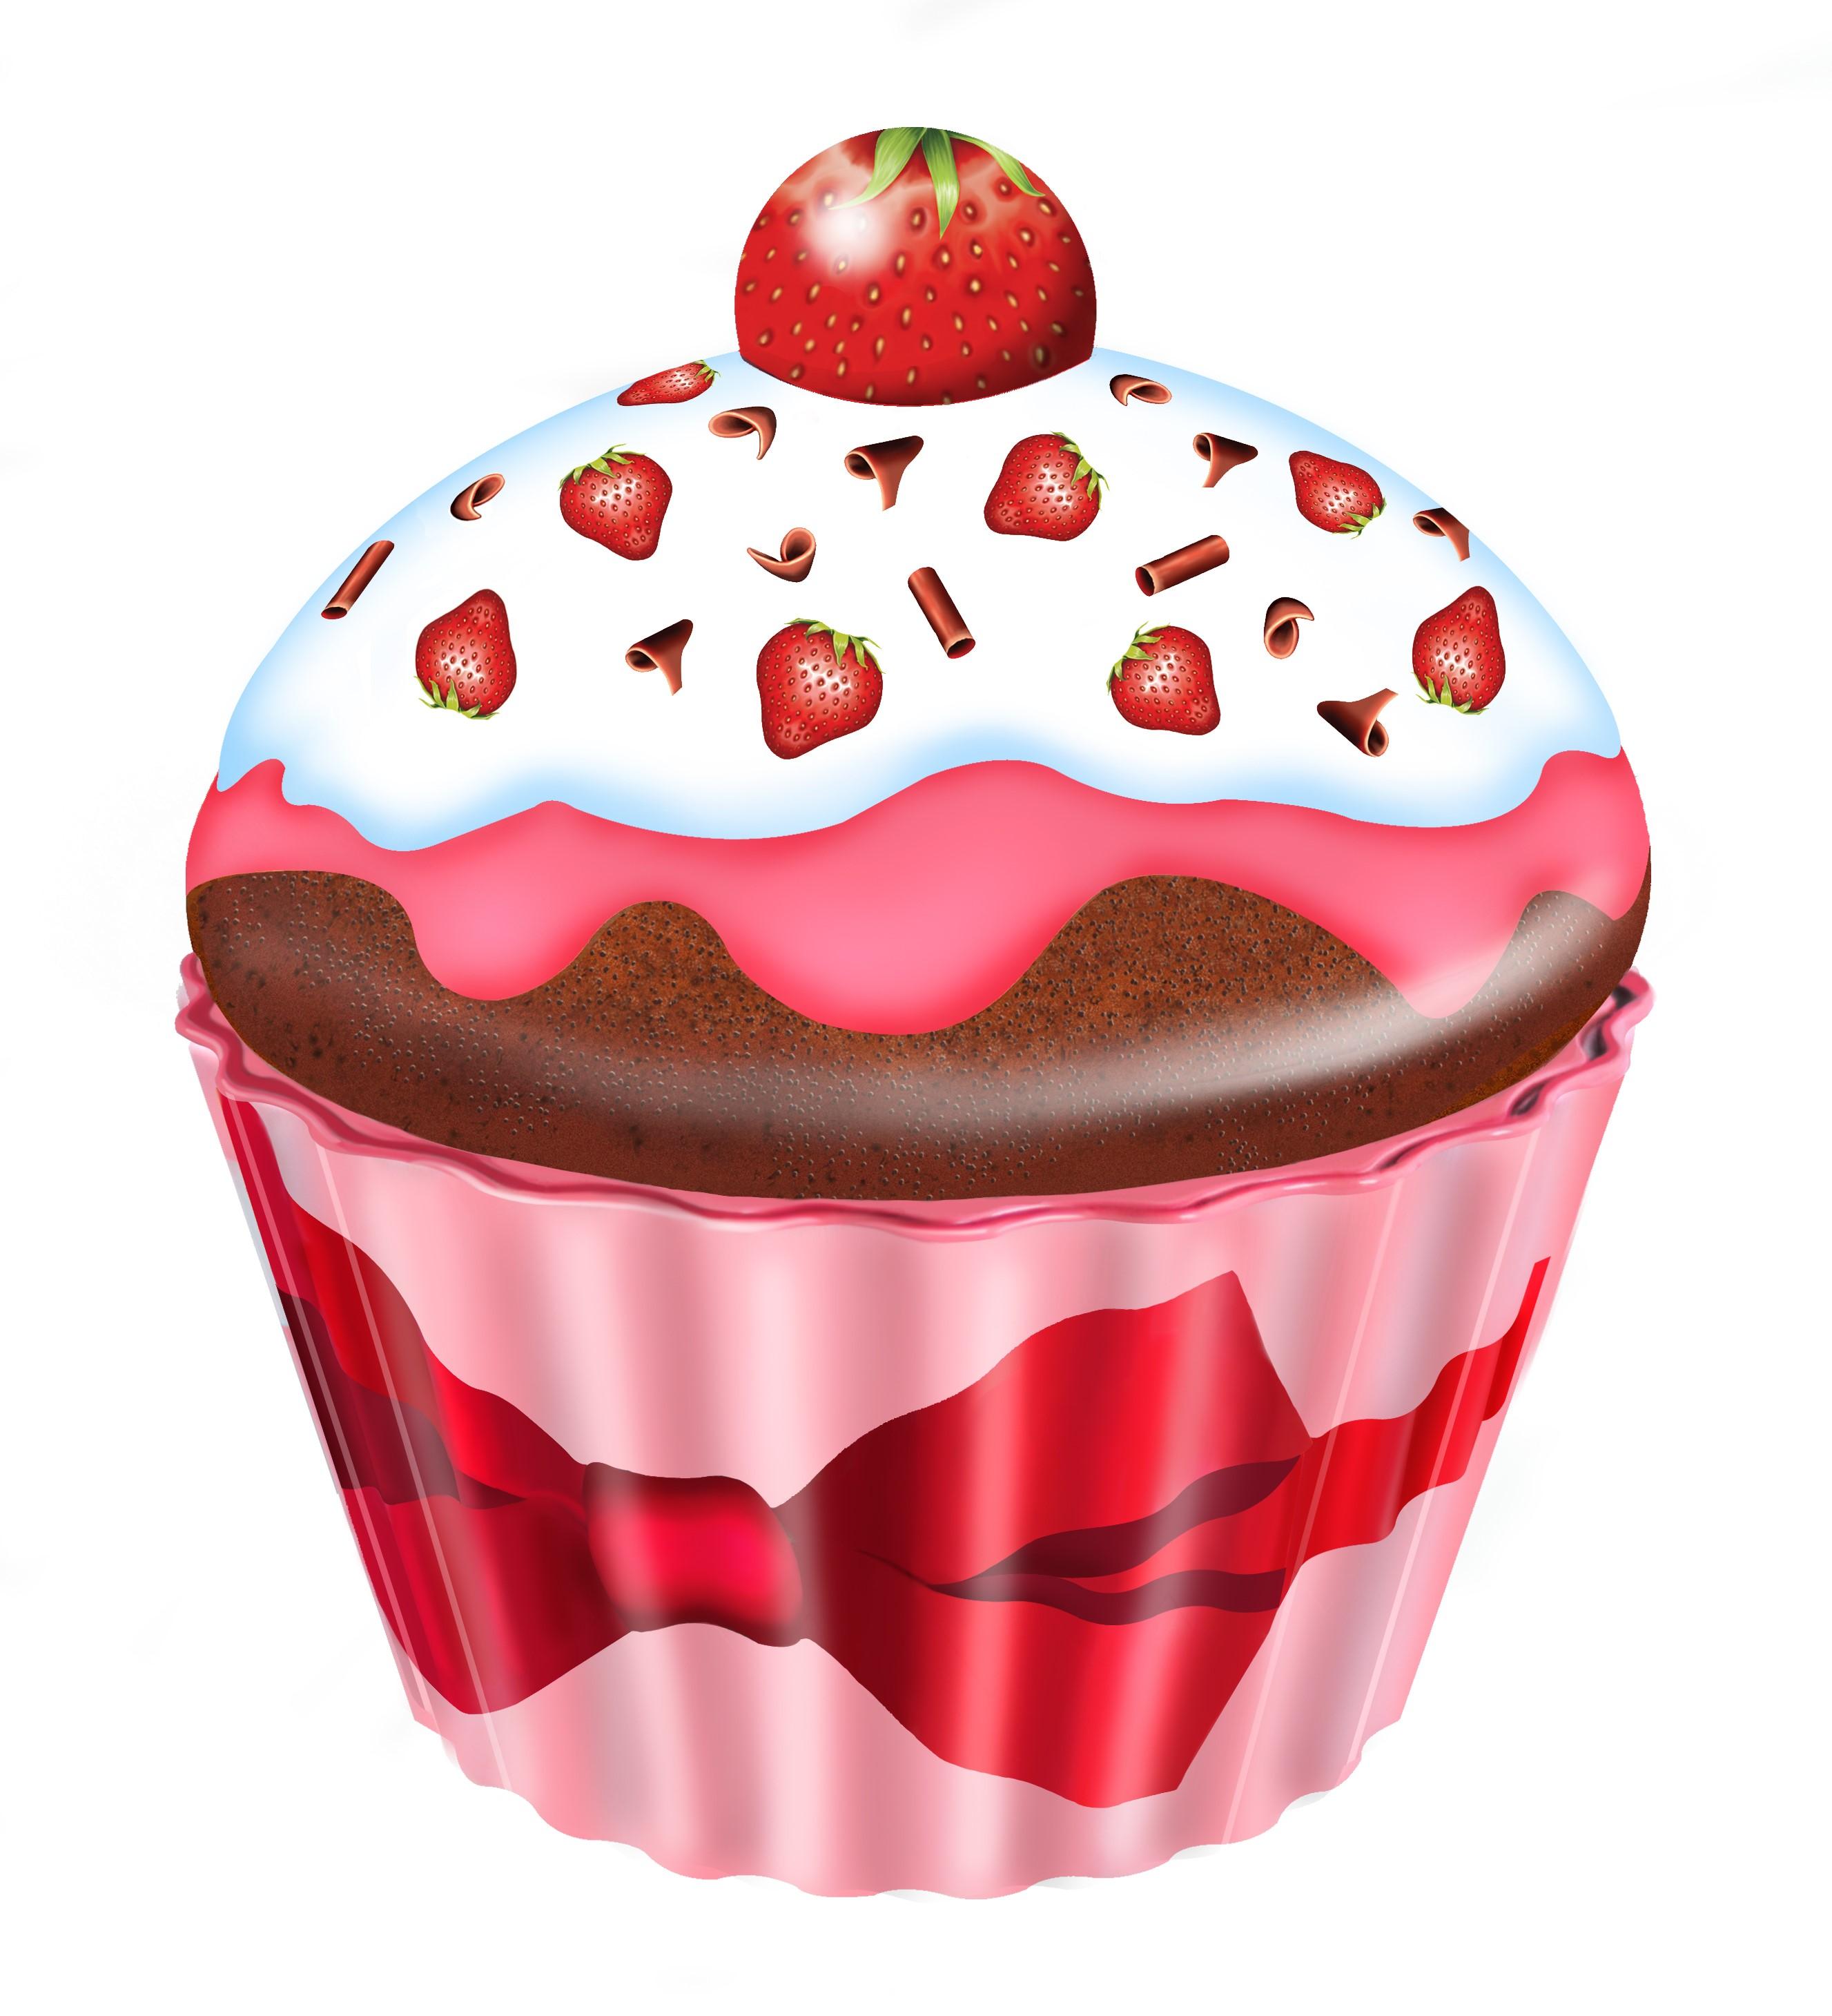 10204 Cupcake groß Erdbeeren